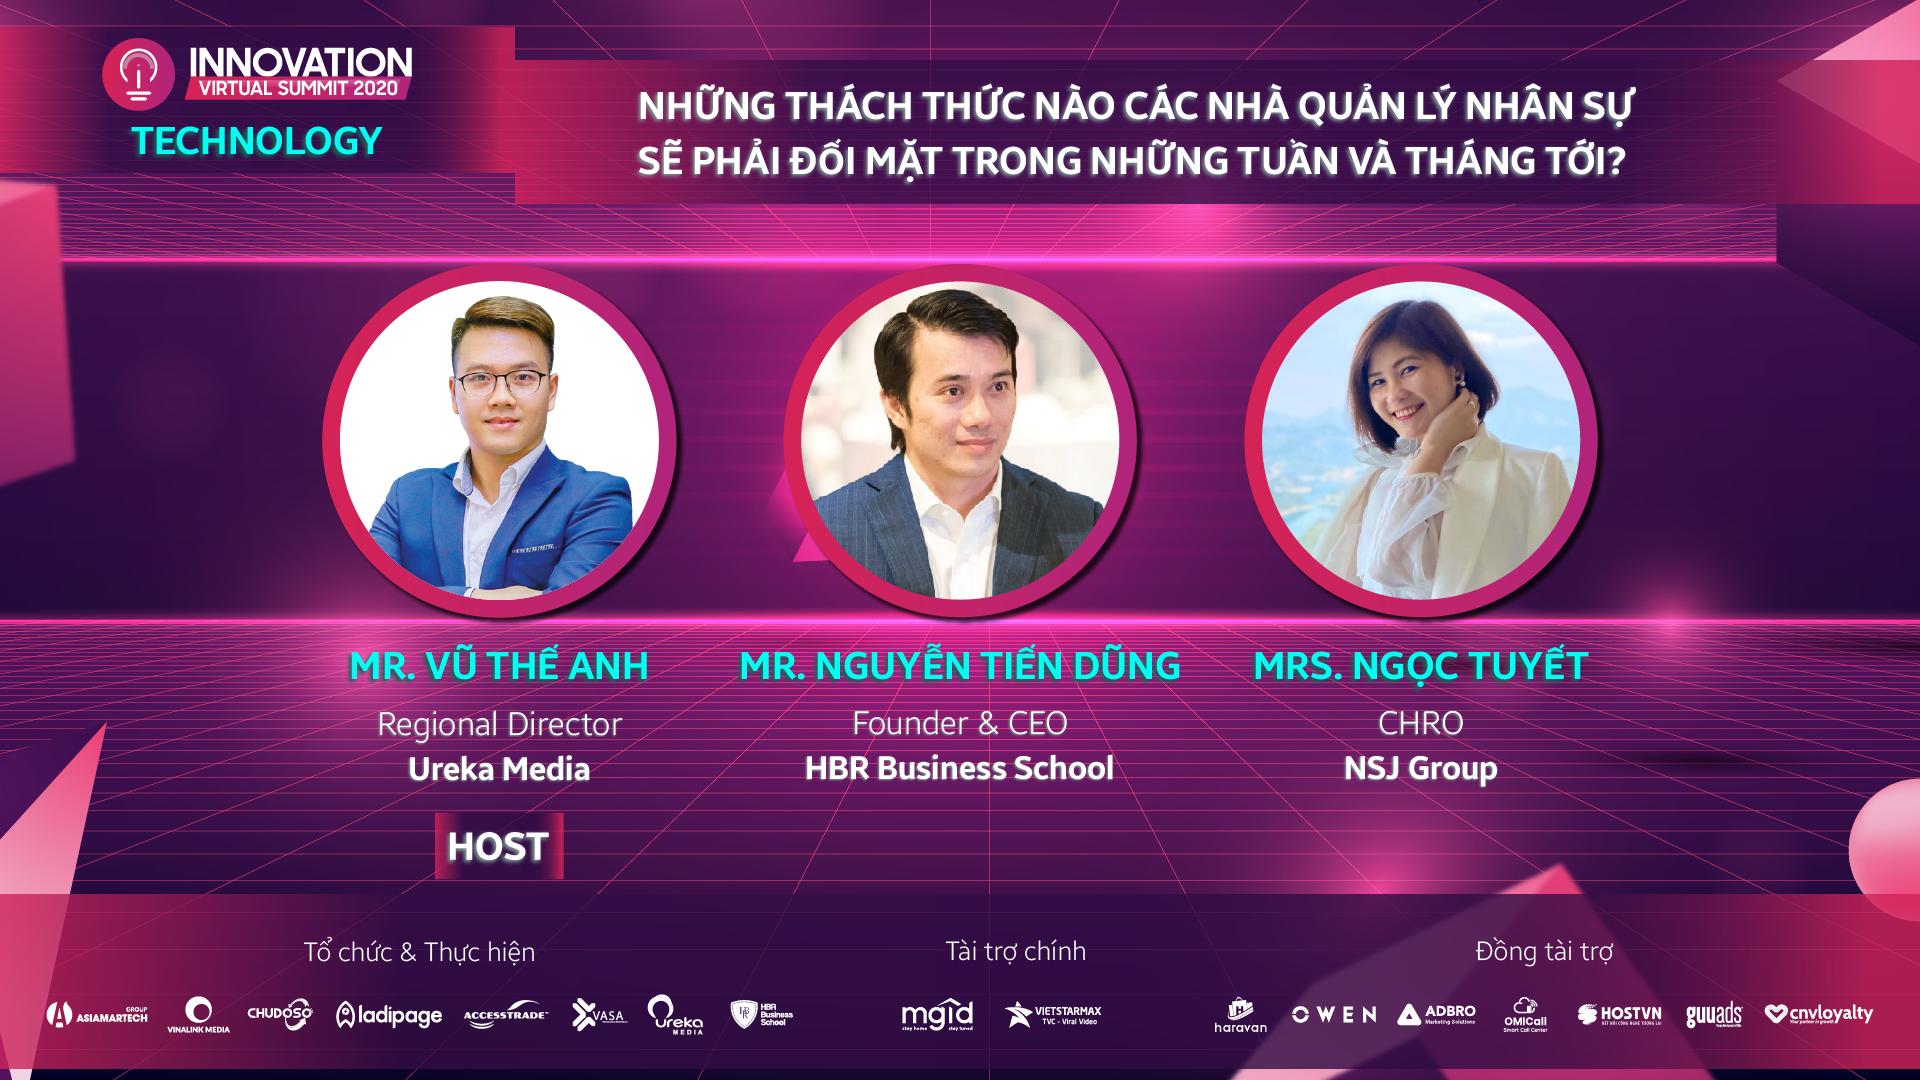 Vietnam innovation summit 2020